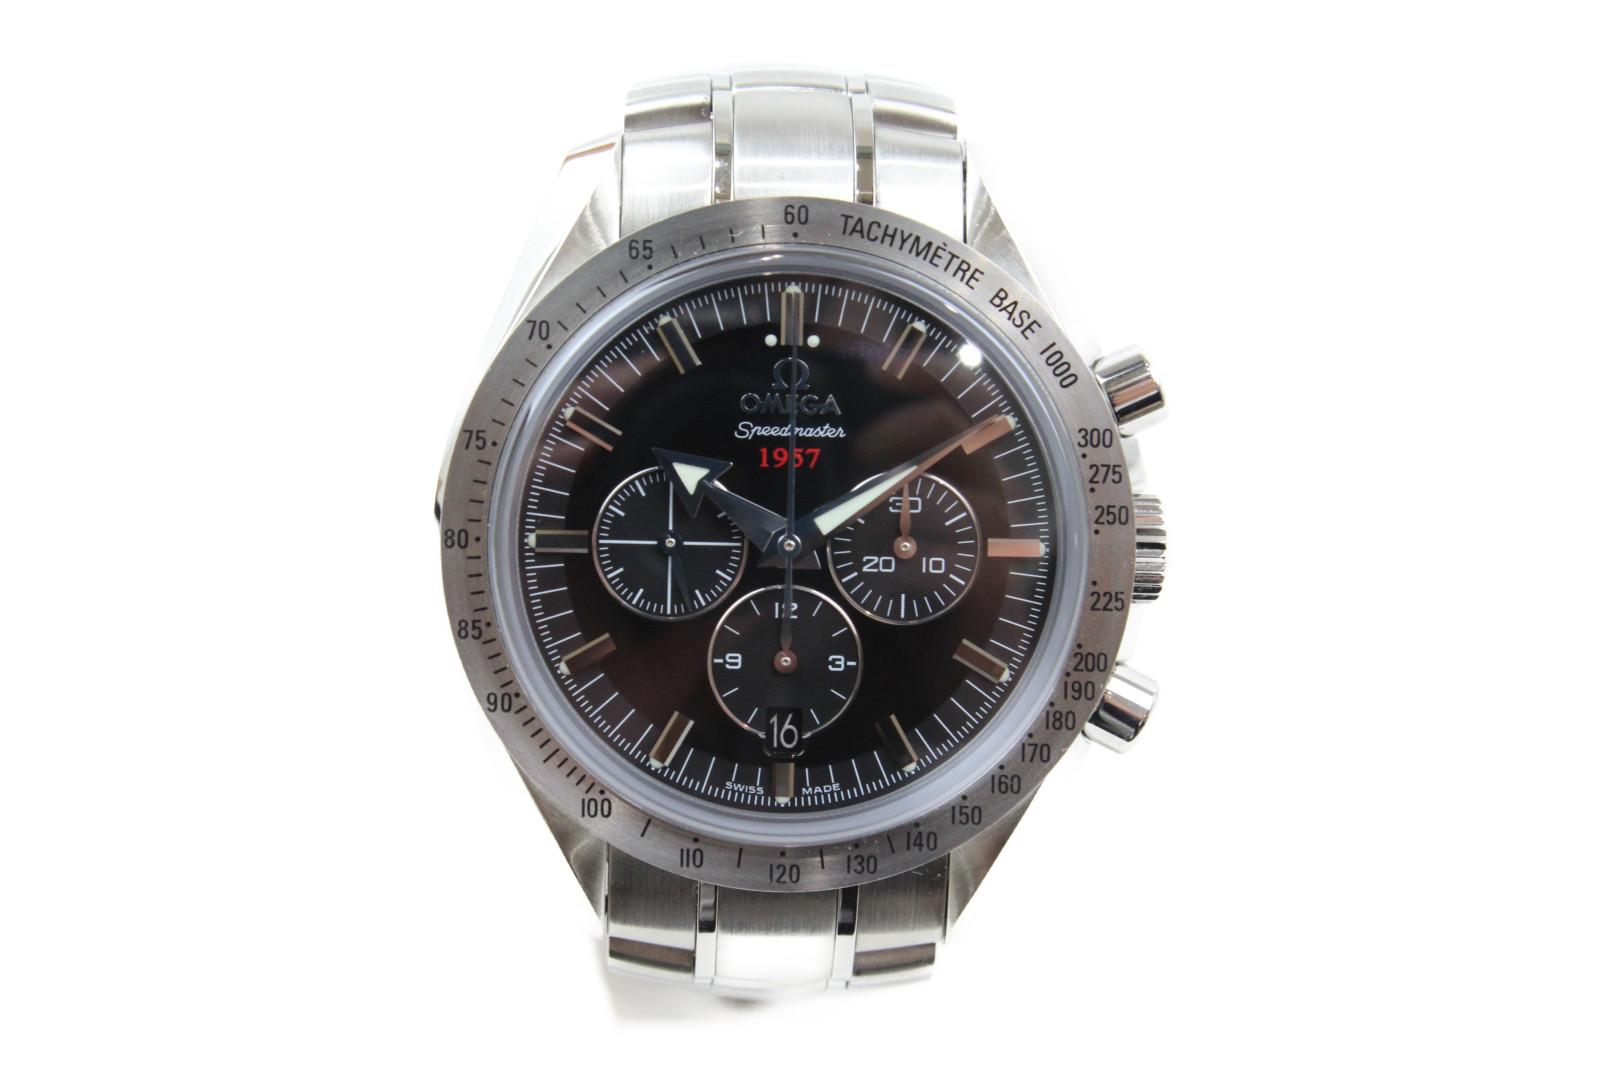 【生誕50周年記念モデル】OMEGA オメガ スピードマスター ブロードアロー 1957  321.10.42.50.01.001 自動巻き クロノグラフ デイト SS ステンレススチール ブラック メンズ 腕時計【中古】